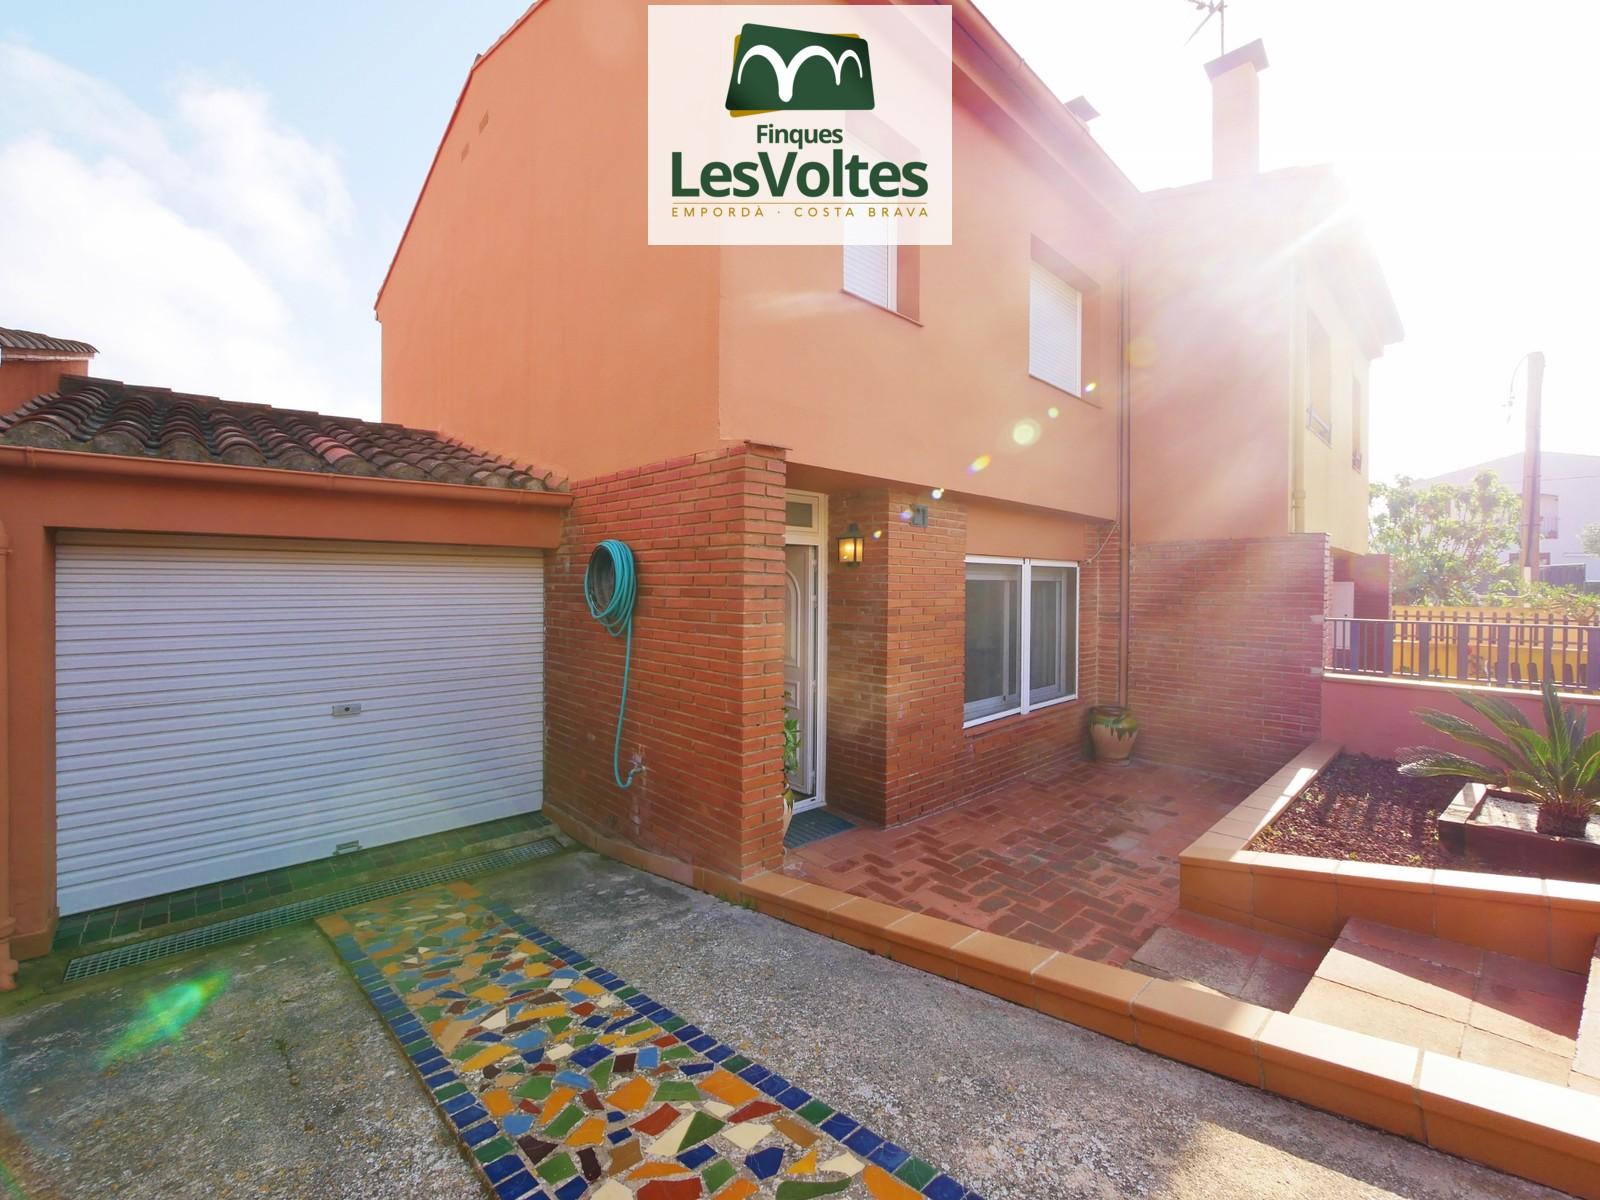 Casa amb pati i garatge en venda a Palafrugell. Zona residencial tranquil·la i ben comunicada.